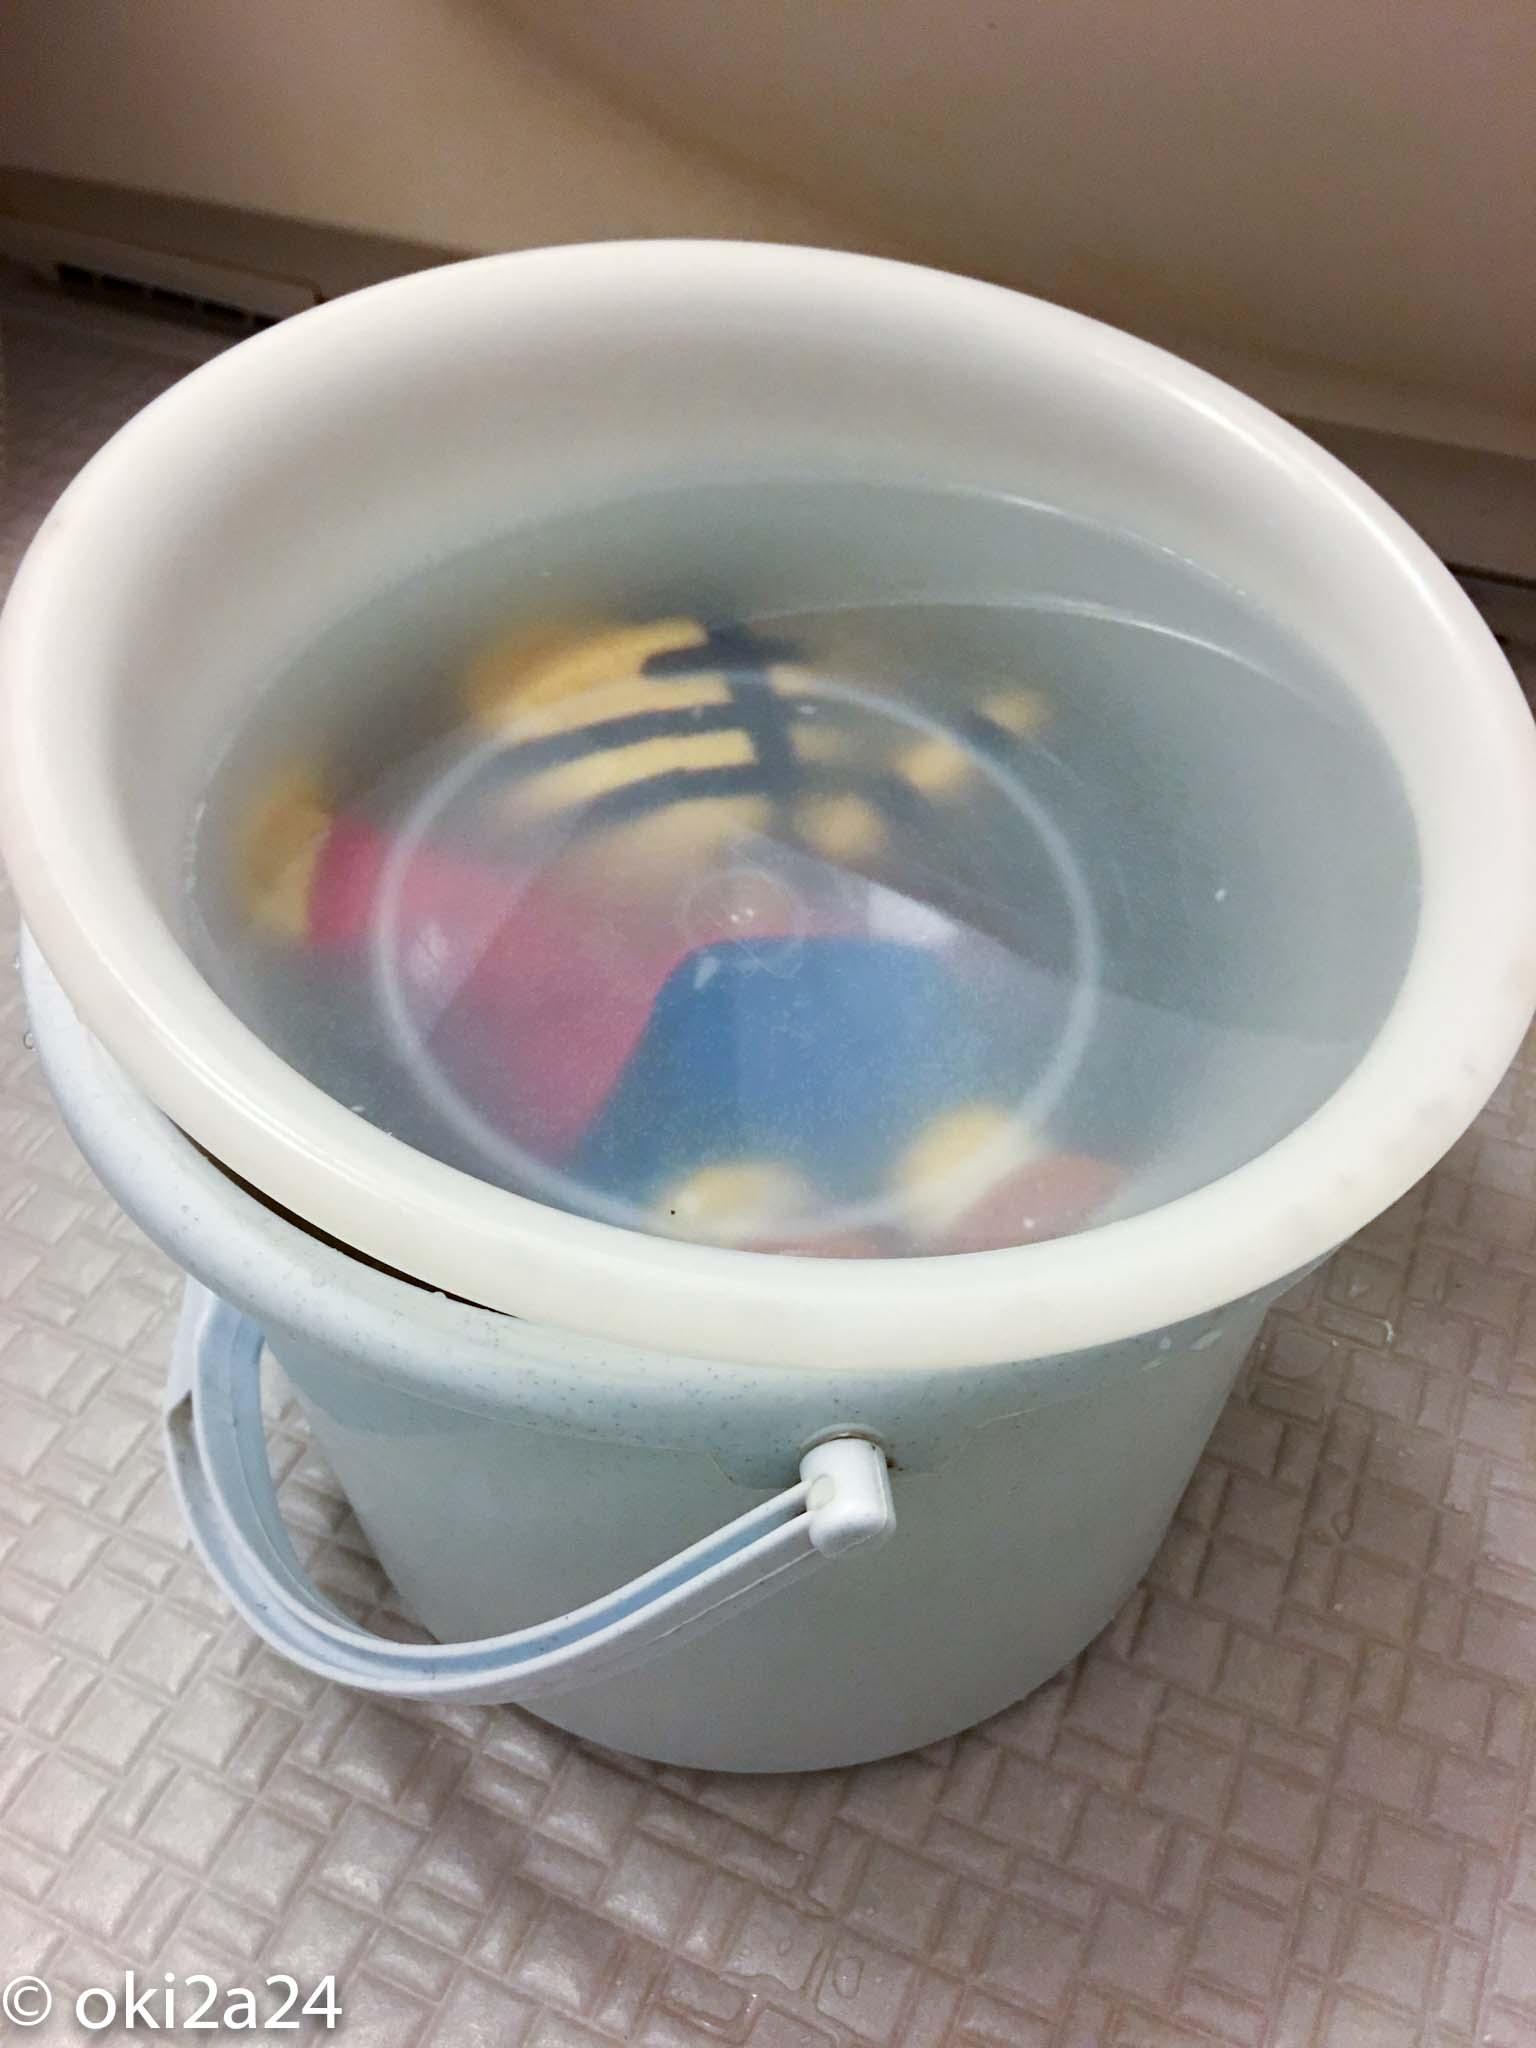 バケツと洗面器を使って洗濯物を浸けておく方法